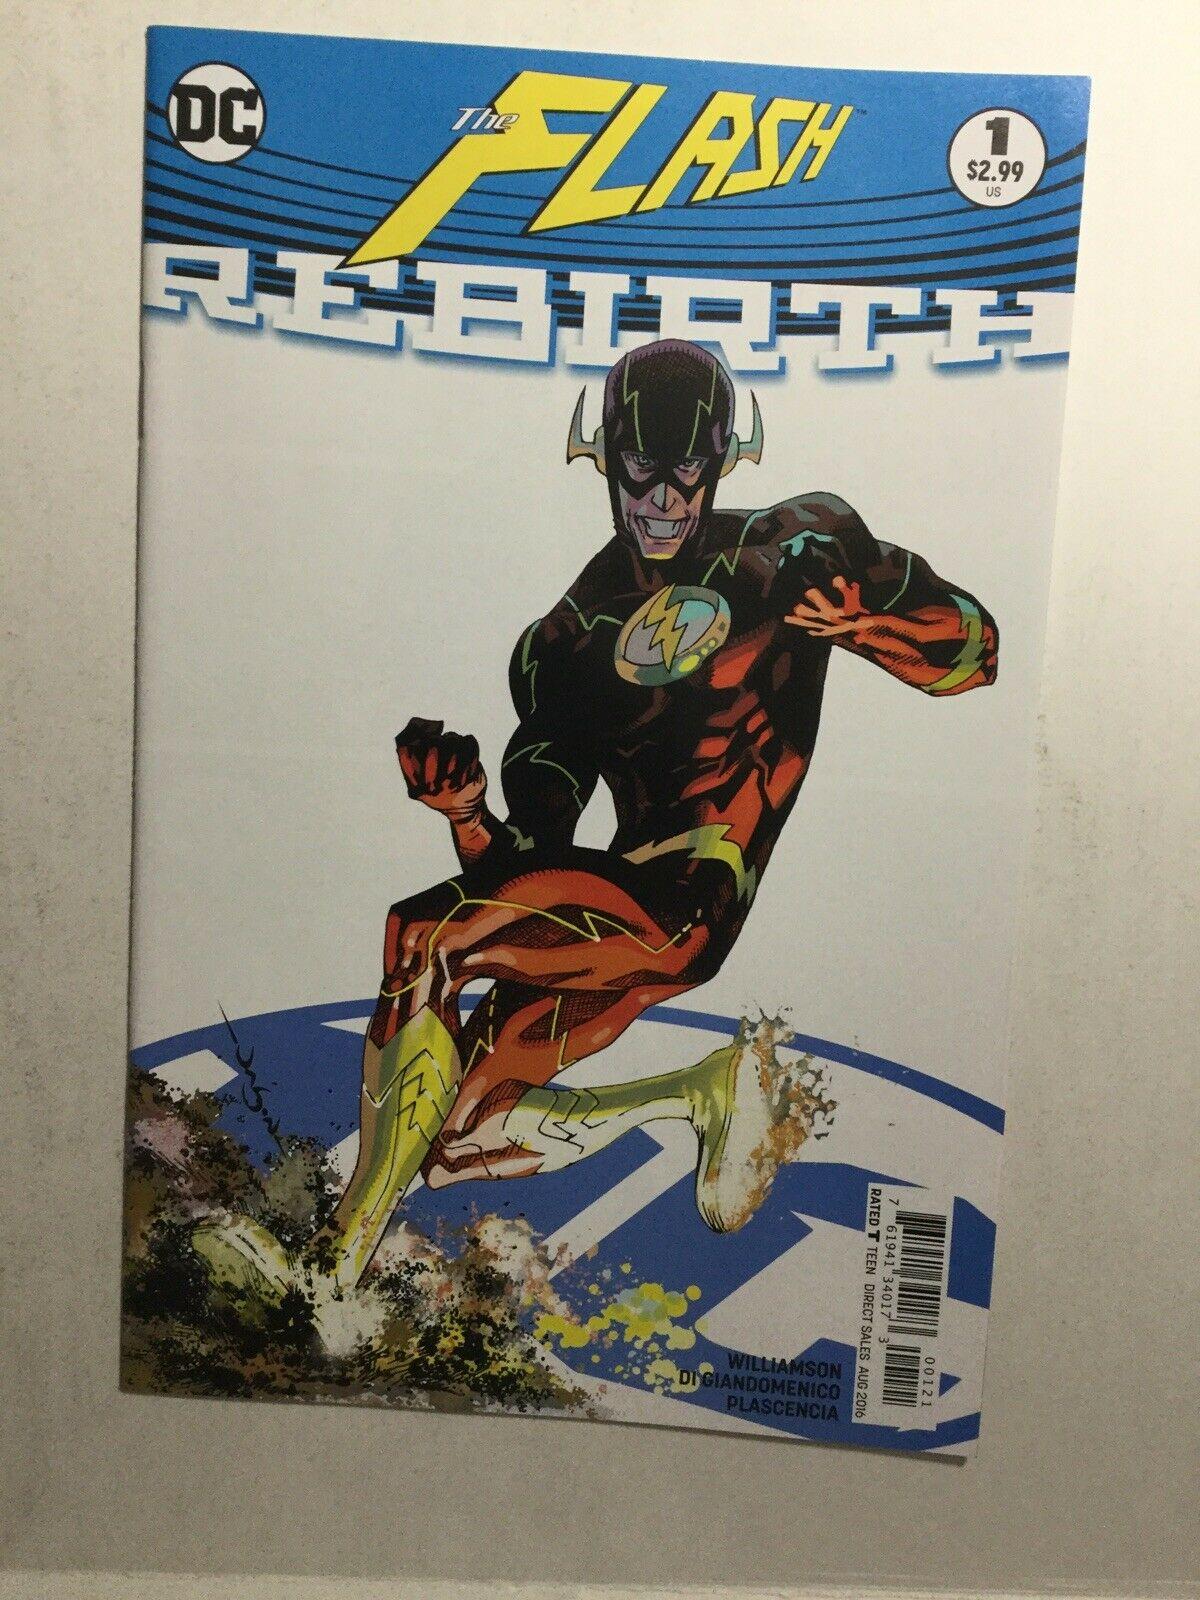 26+ Dc Comics Godspeed Flash PNG